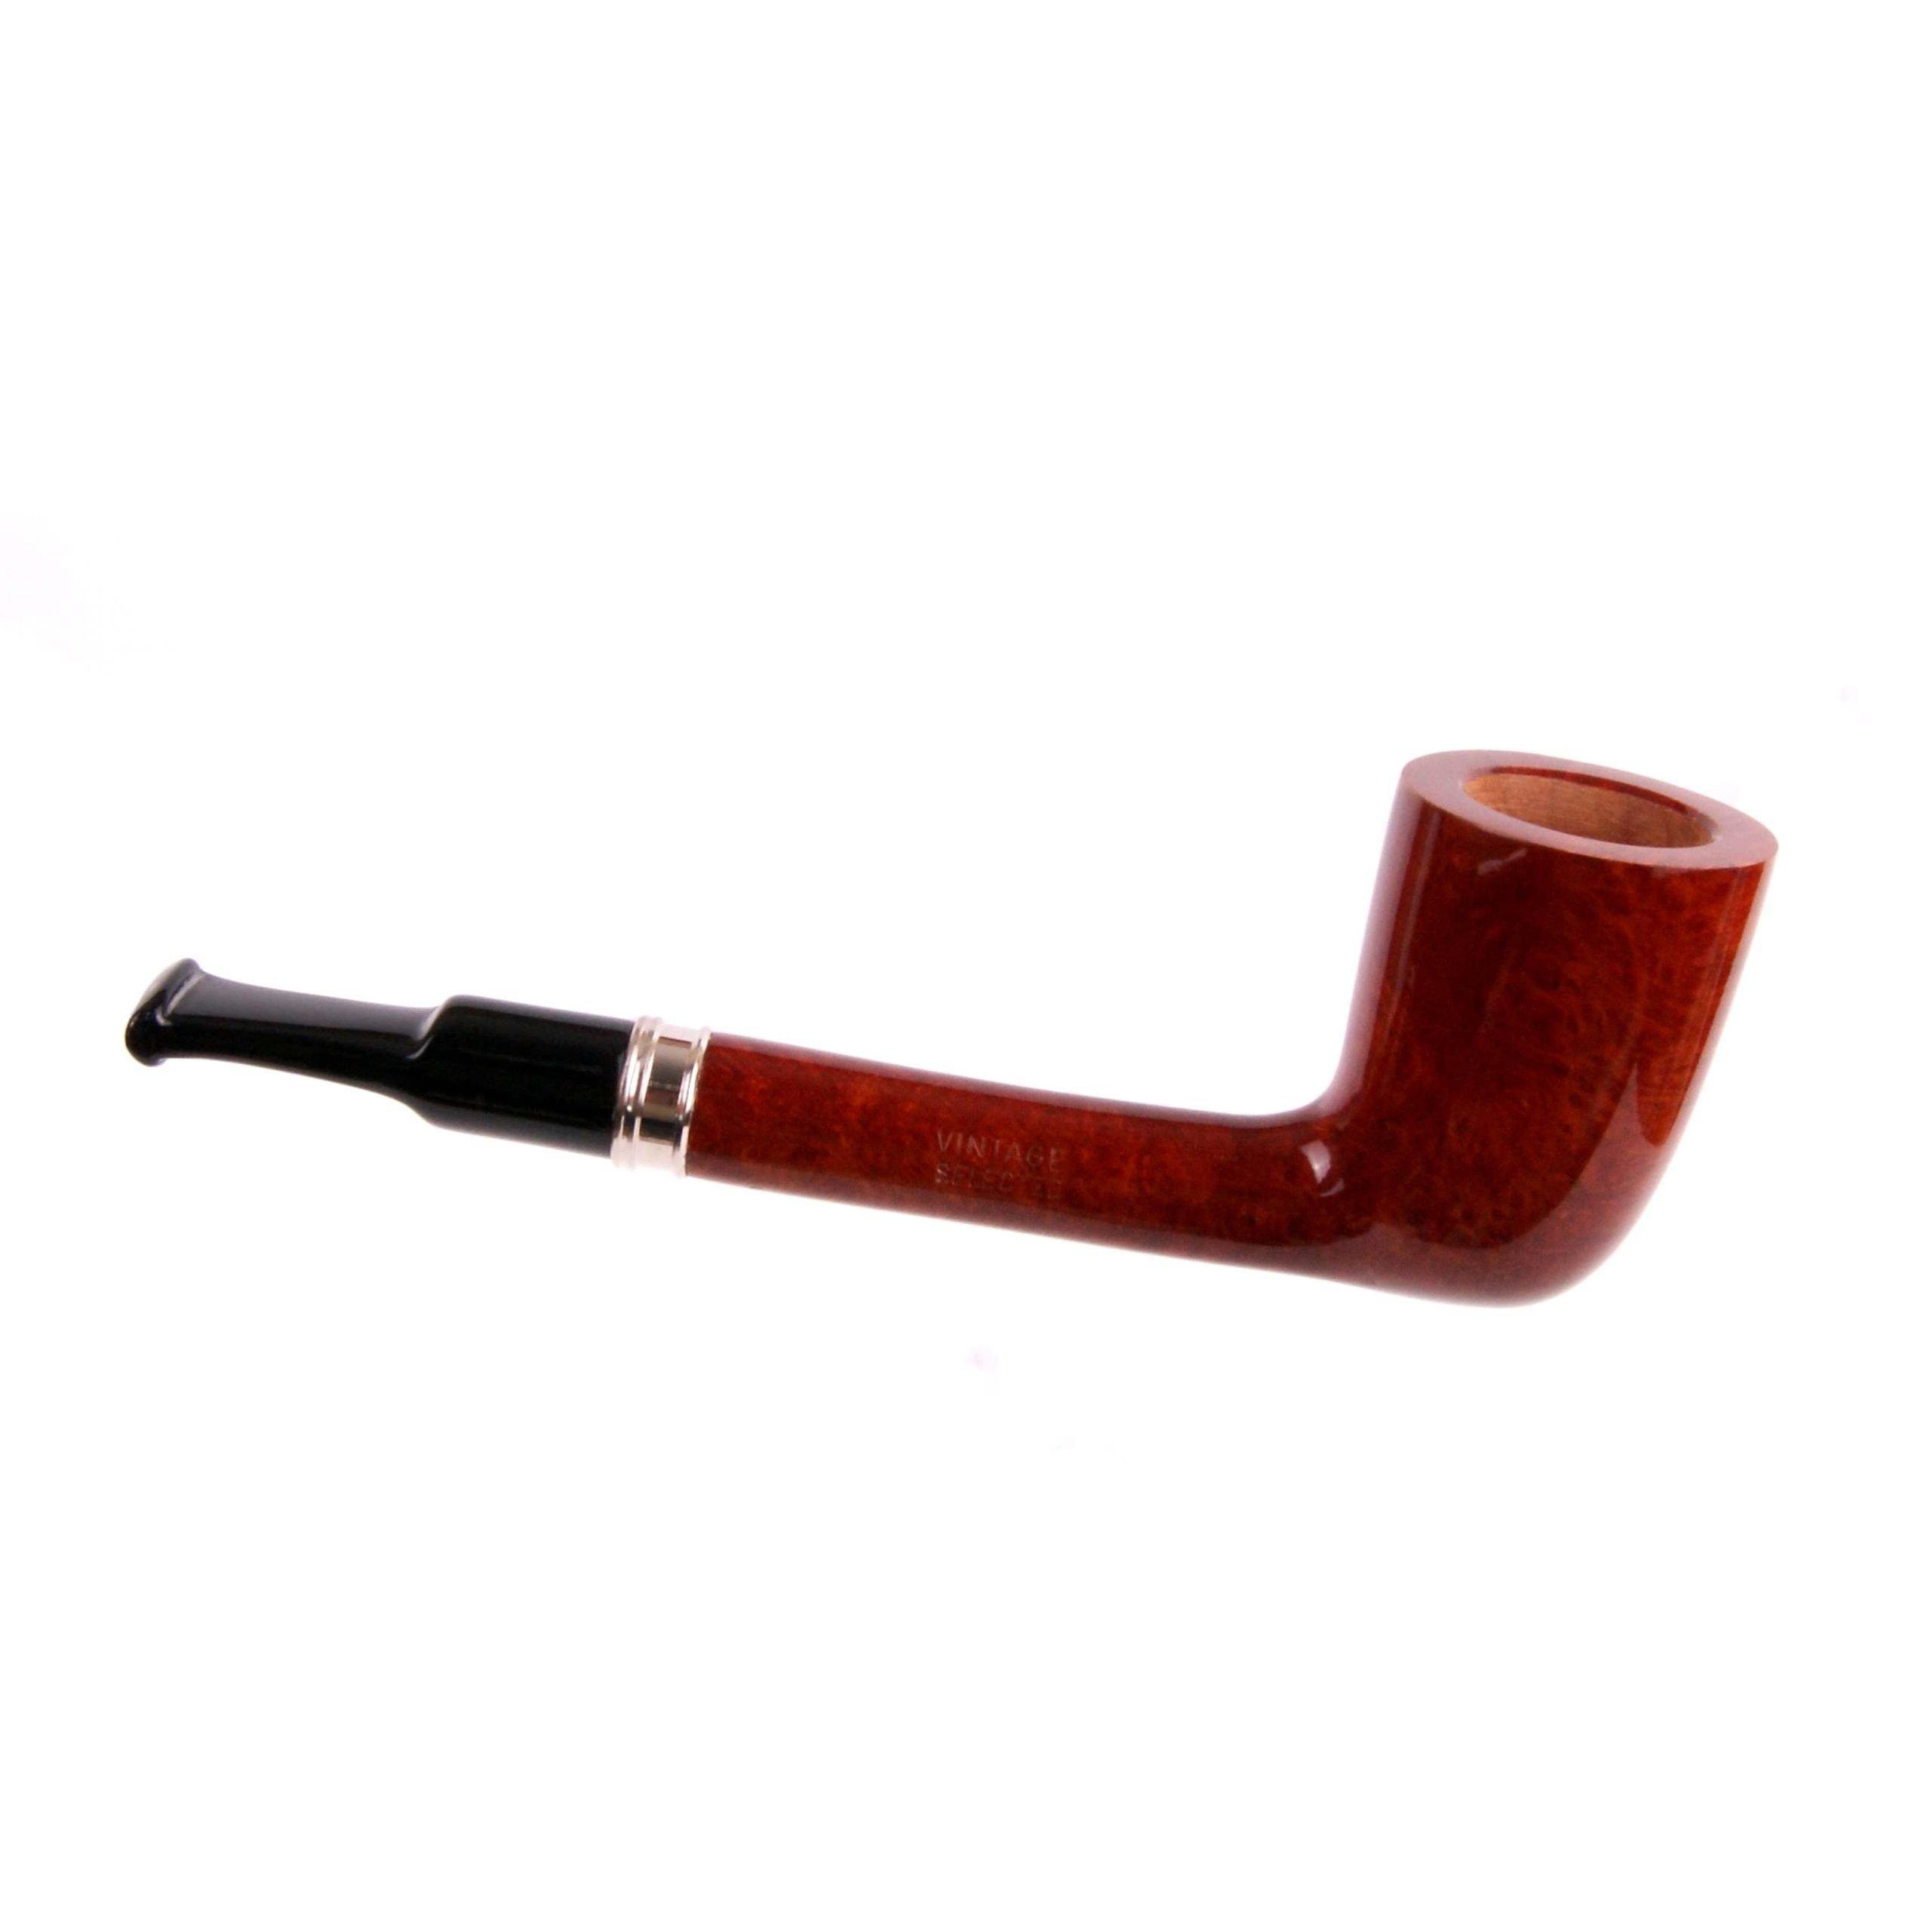 Fajčenie Rúry Brebbia, Ročník SEL.51 Vres Taliansko BrogShop